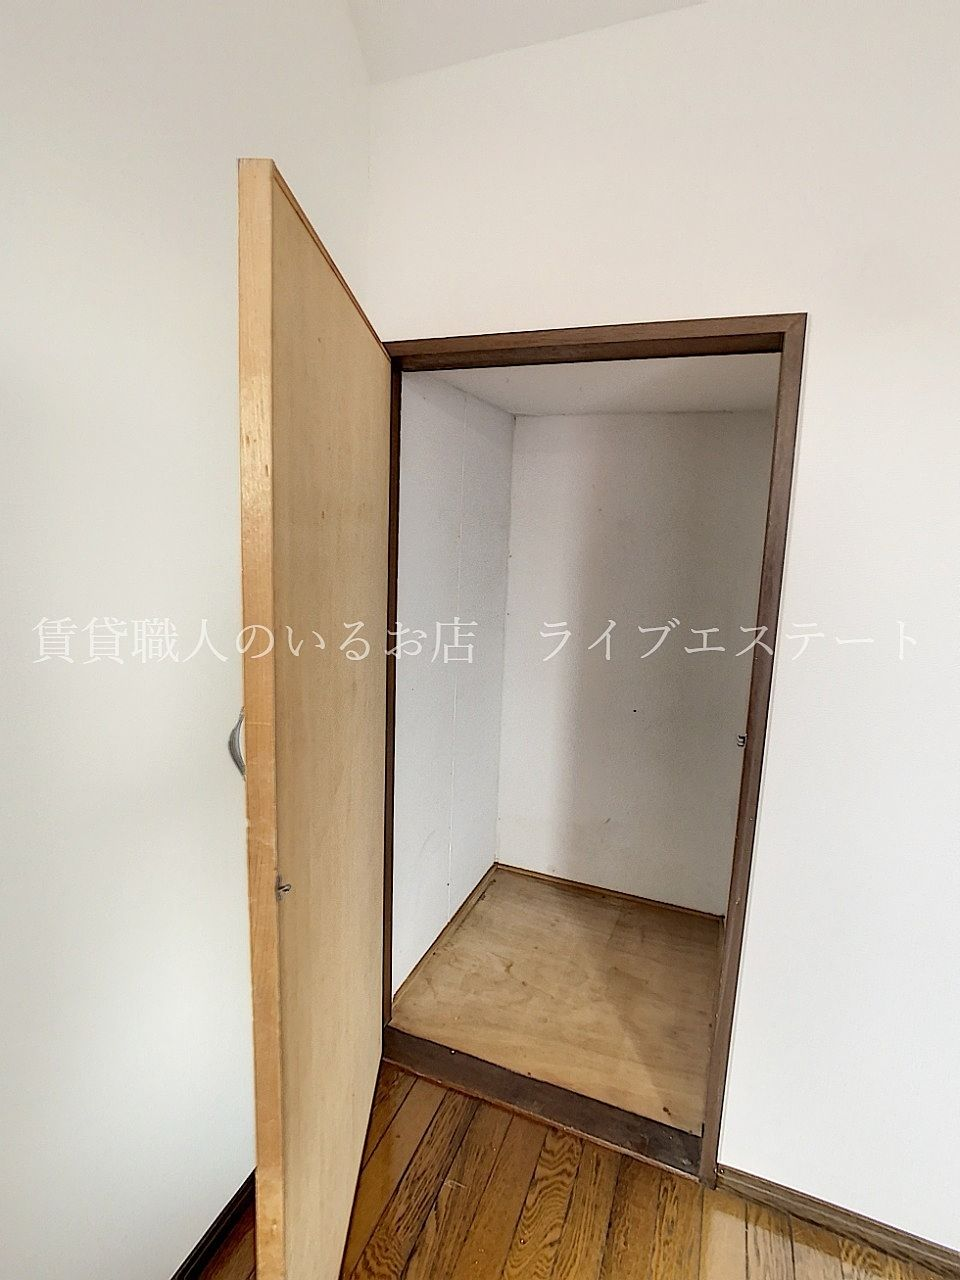 階段下なので大きくはないですが、中にしまえるとお部屋がすっきり使えます